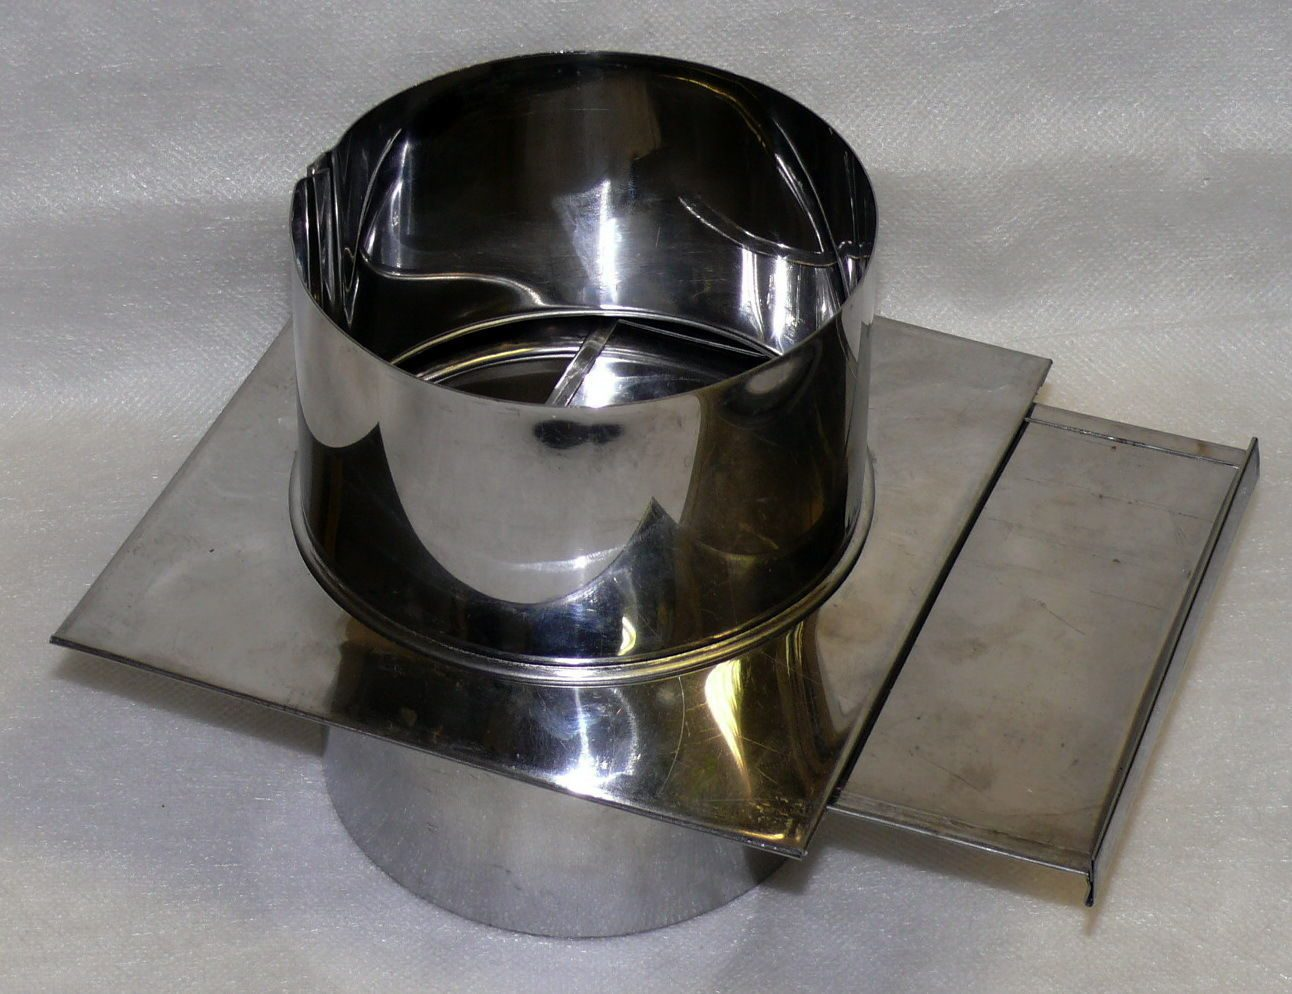 Шибер для вентиляции (23 фото): вентиляционные шиберные задвижки и заслонки с электроприводом, круглый и прямоугольный шибер